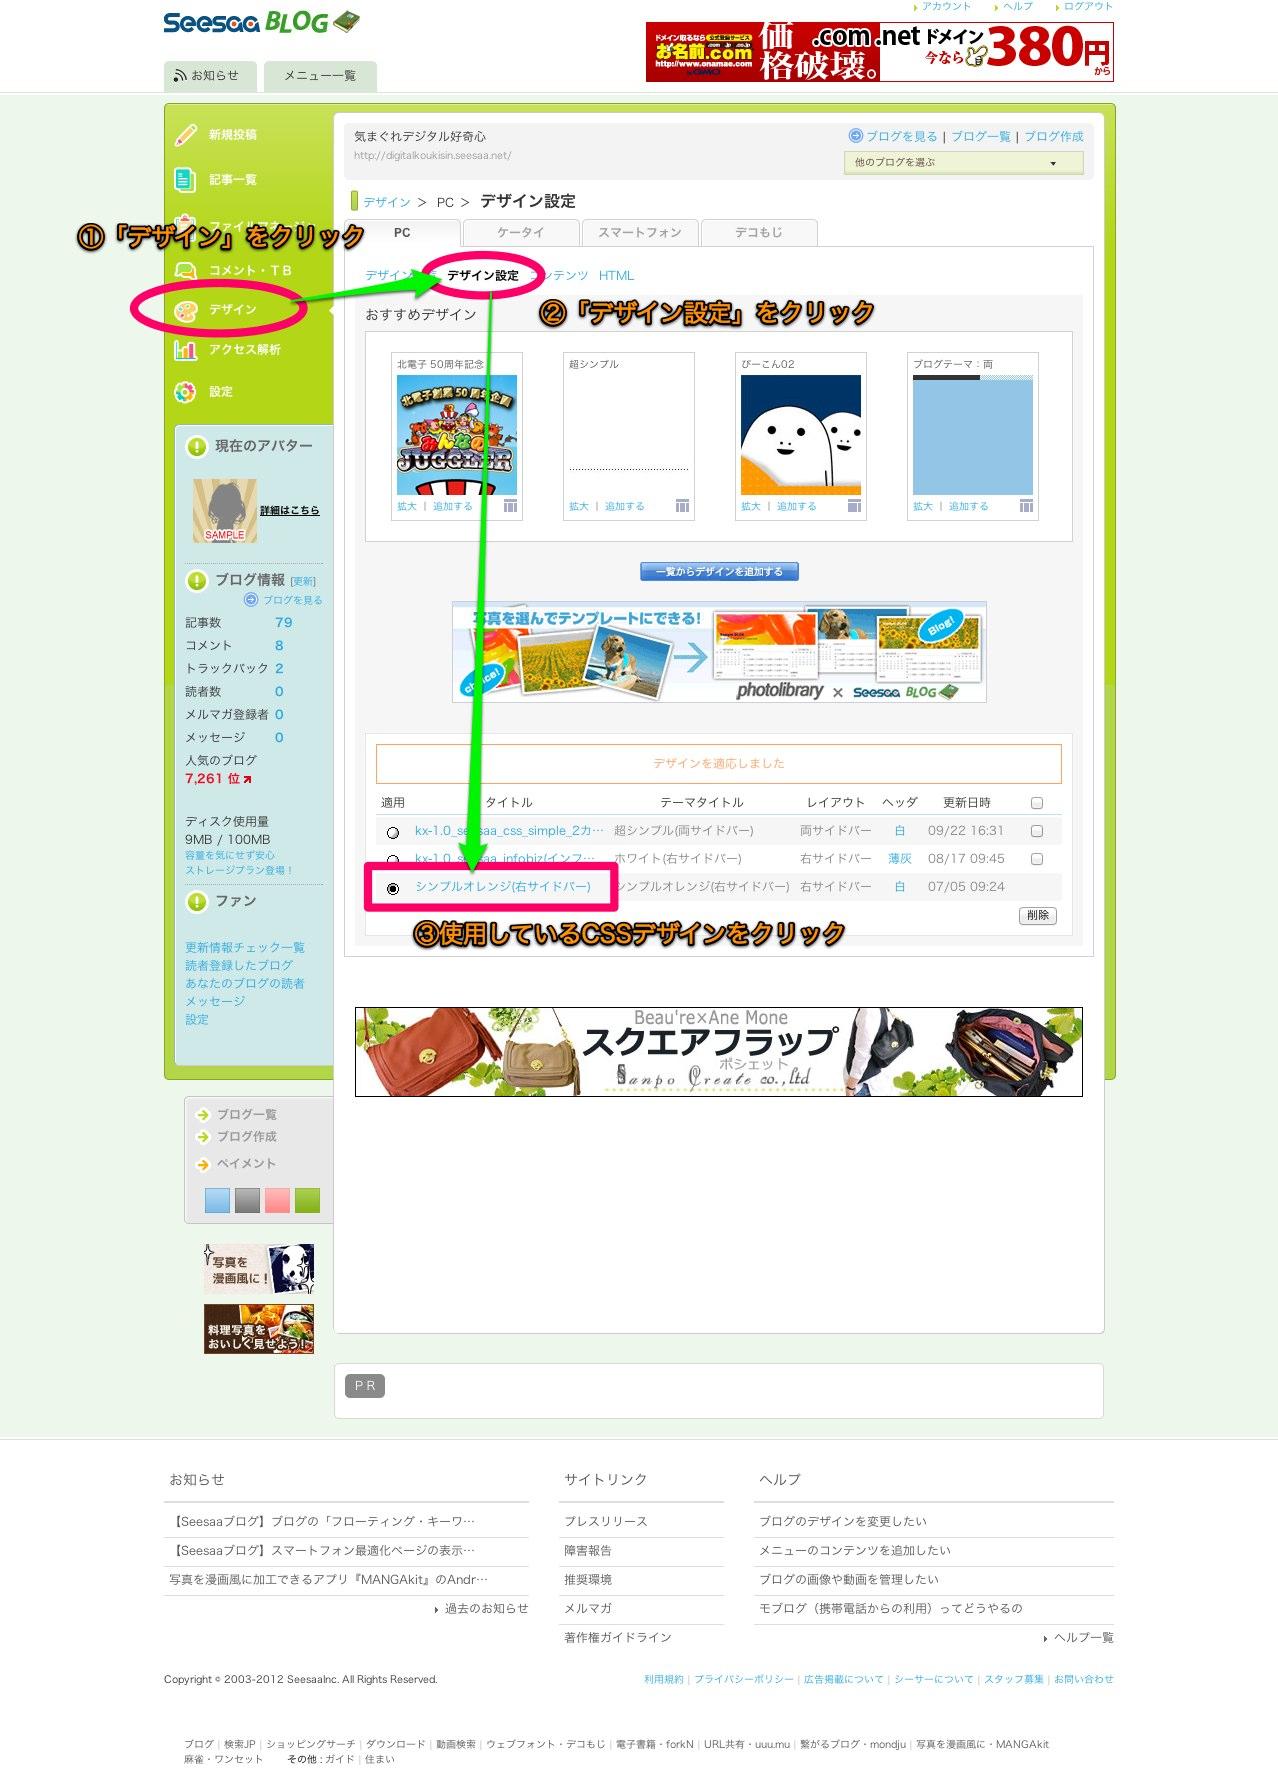 SeesaaブログCSS編集.jpg